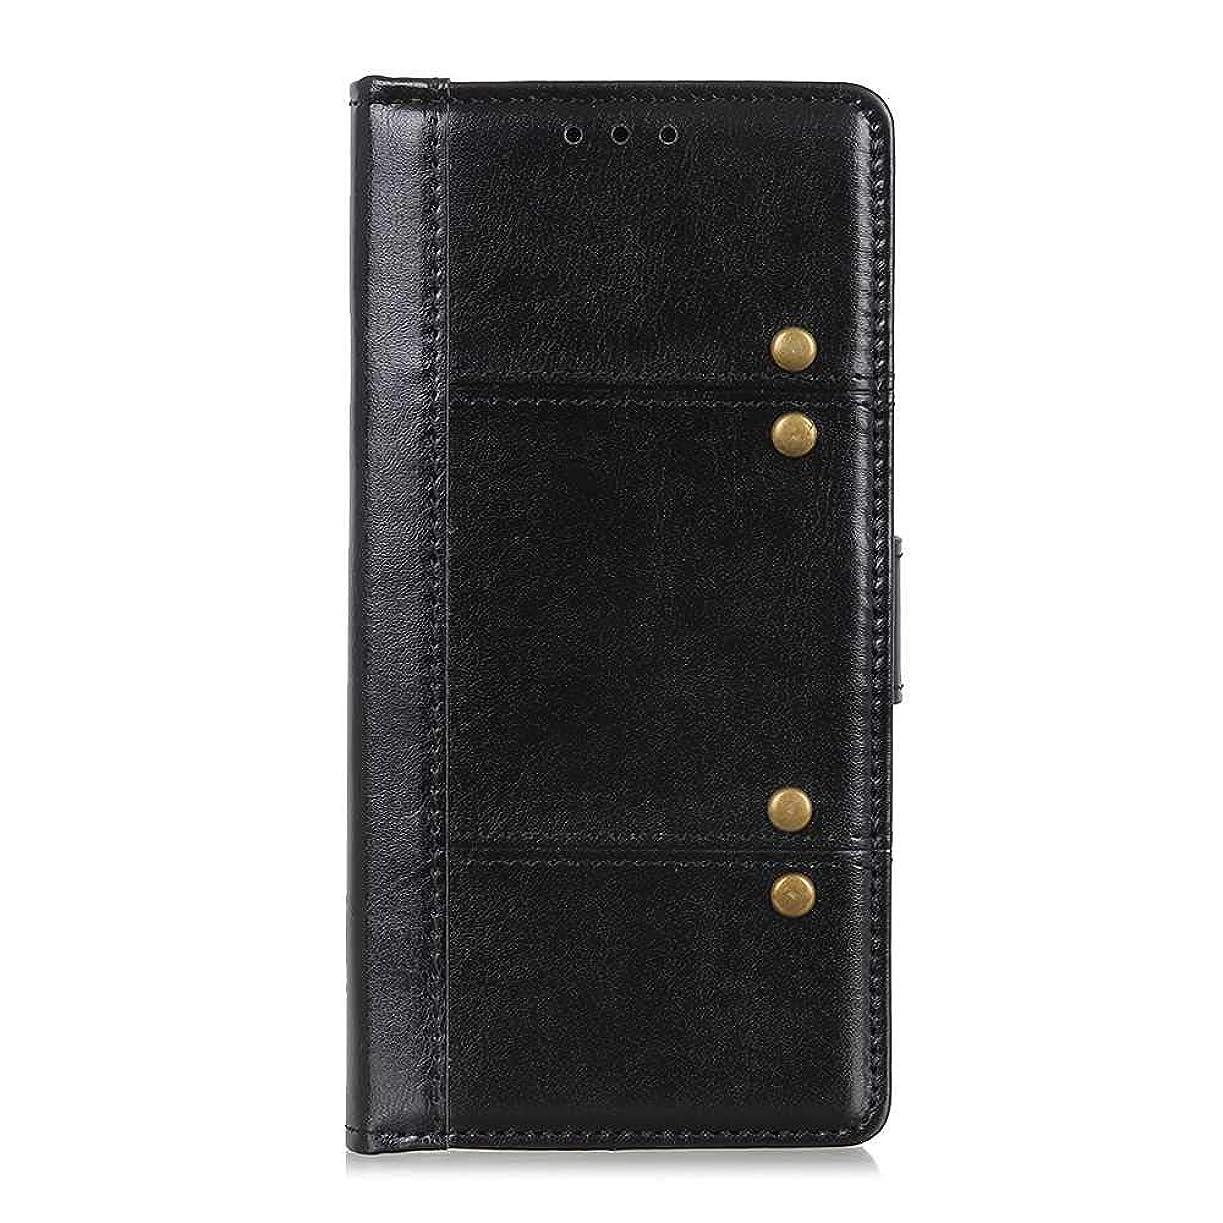 並外れて経歴窒息させるZeebox Sony Xperia XZ2 手帳型 耐衝撃 柔軟 らかい PUレザー ケース スタンド機能付き スマホカバー マグネット付き シンプル カード収納 耐衝撃 液晶保護 衝撃吸収 カバー, ブラック